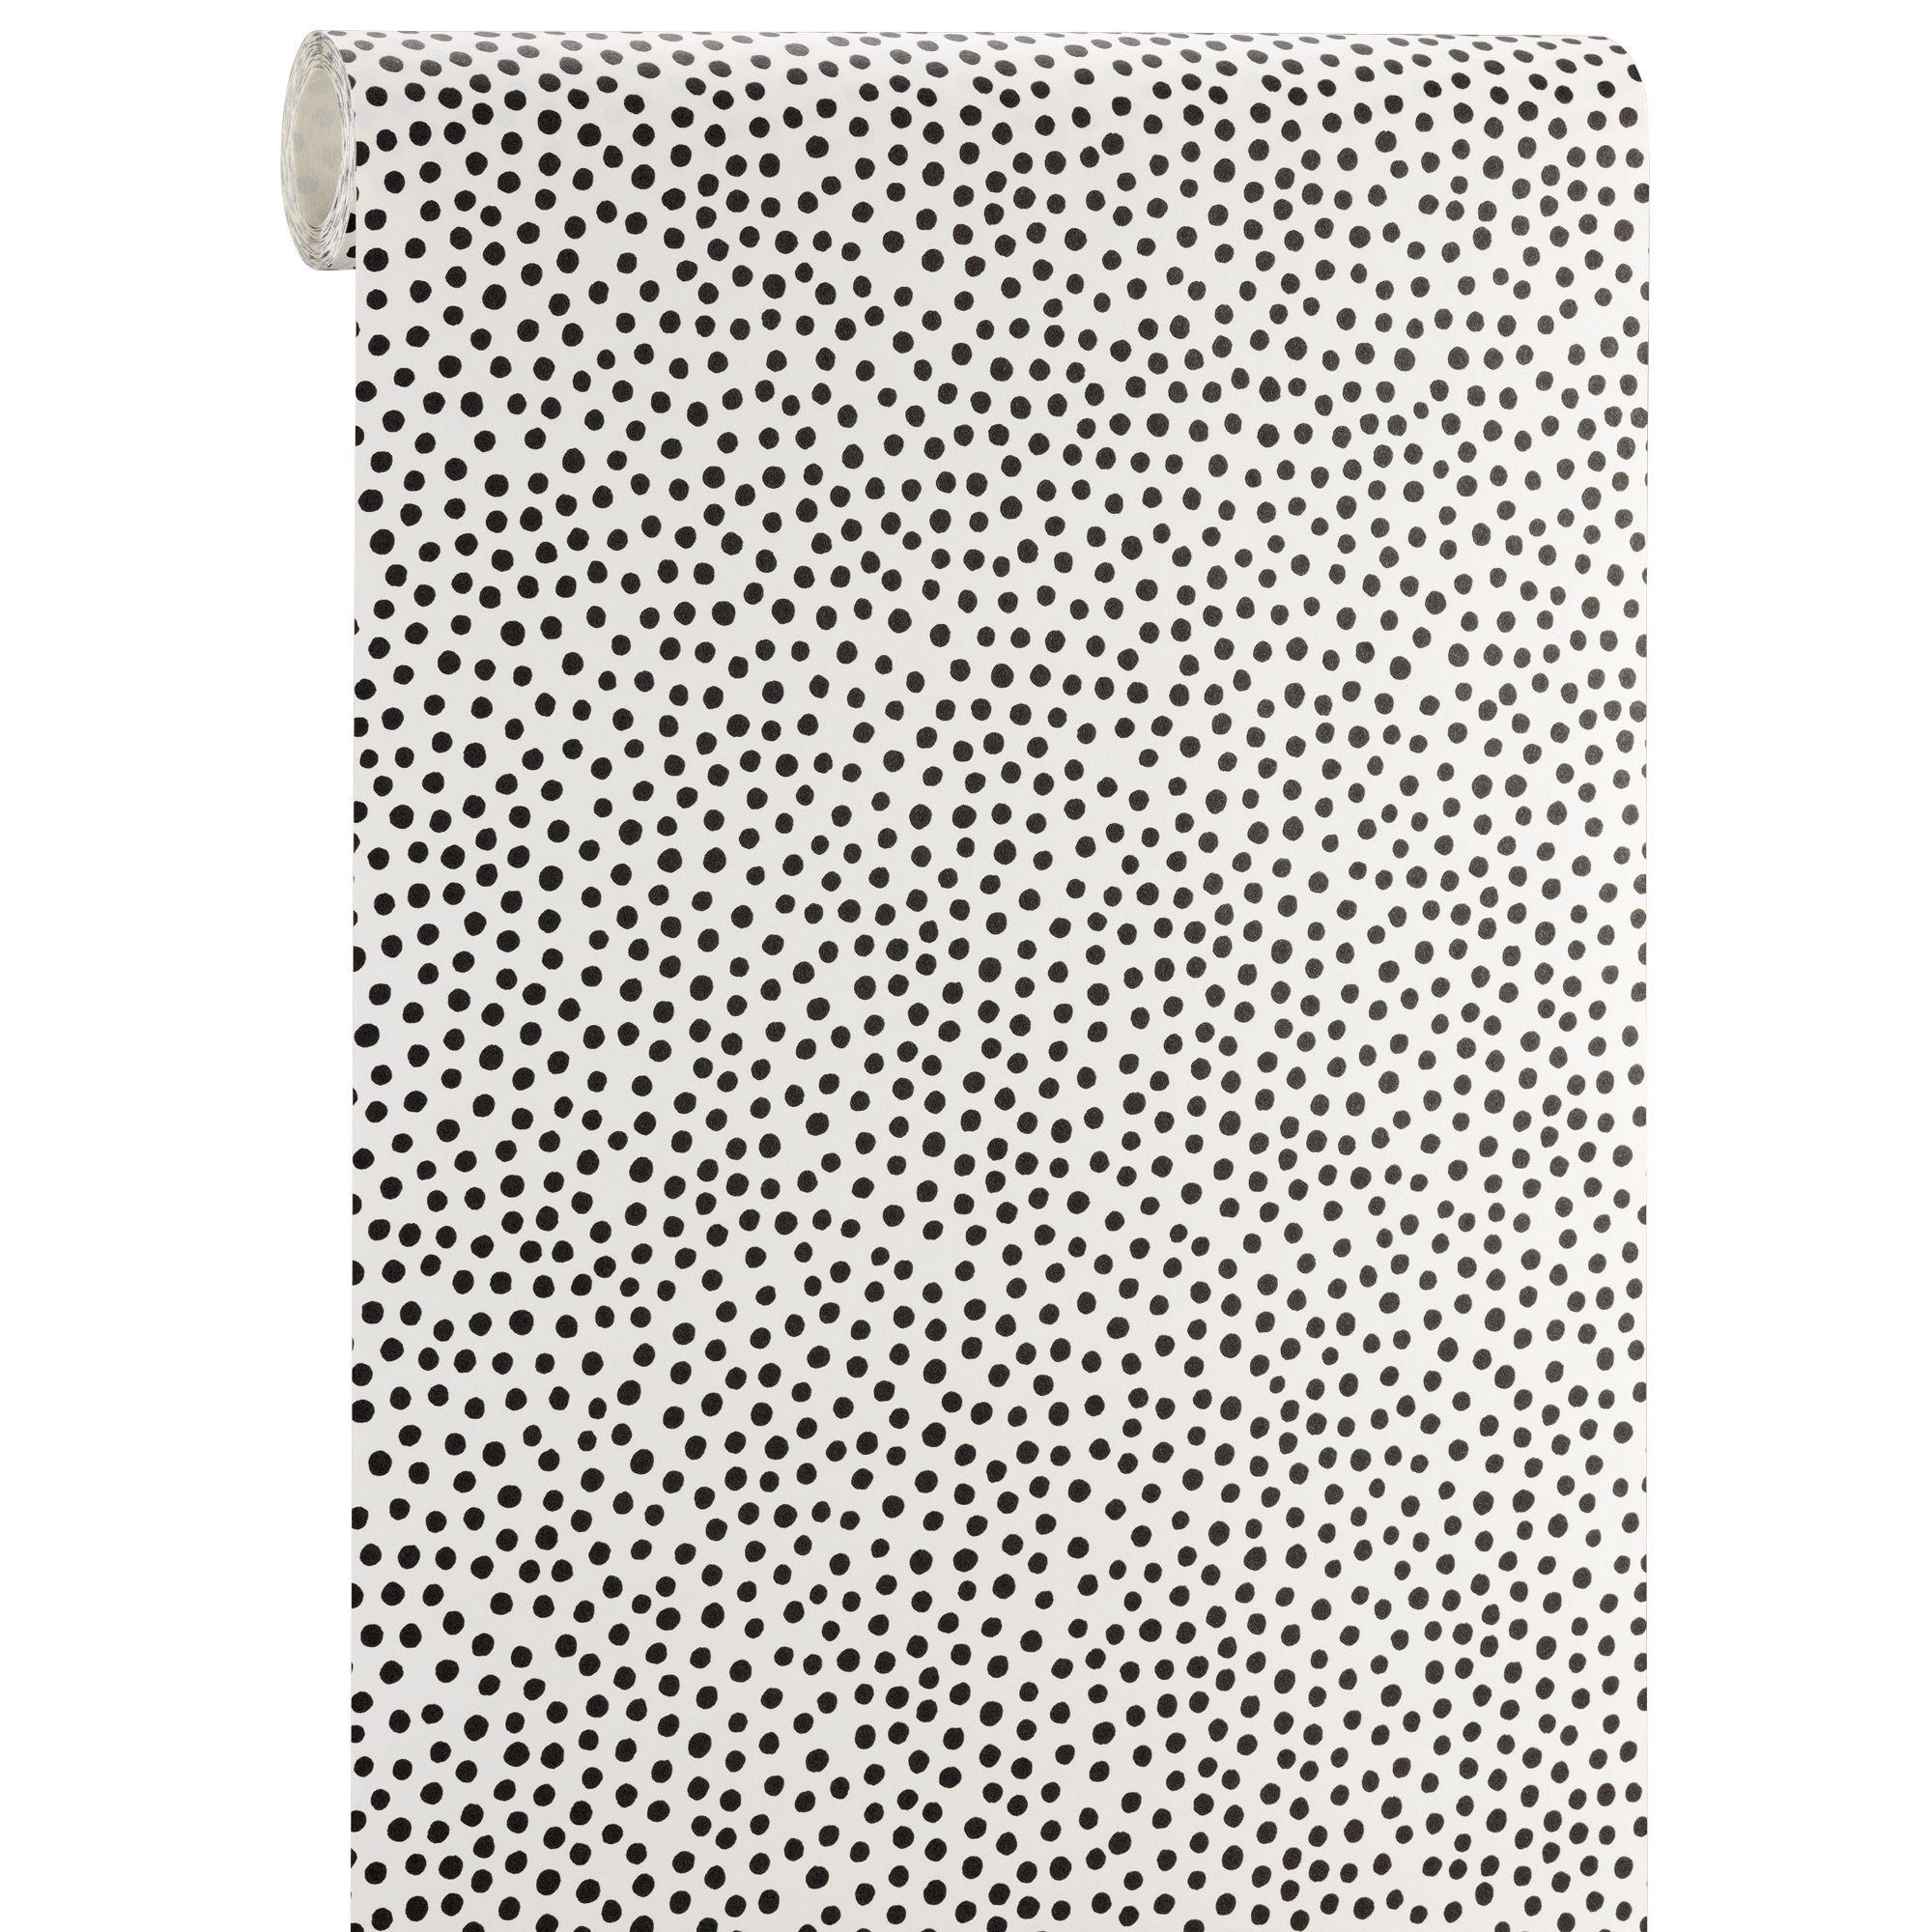 behang polka wit/zwart #behang #wonen #kwantum #muurdecoratie, Deco ideeën